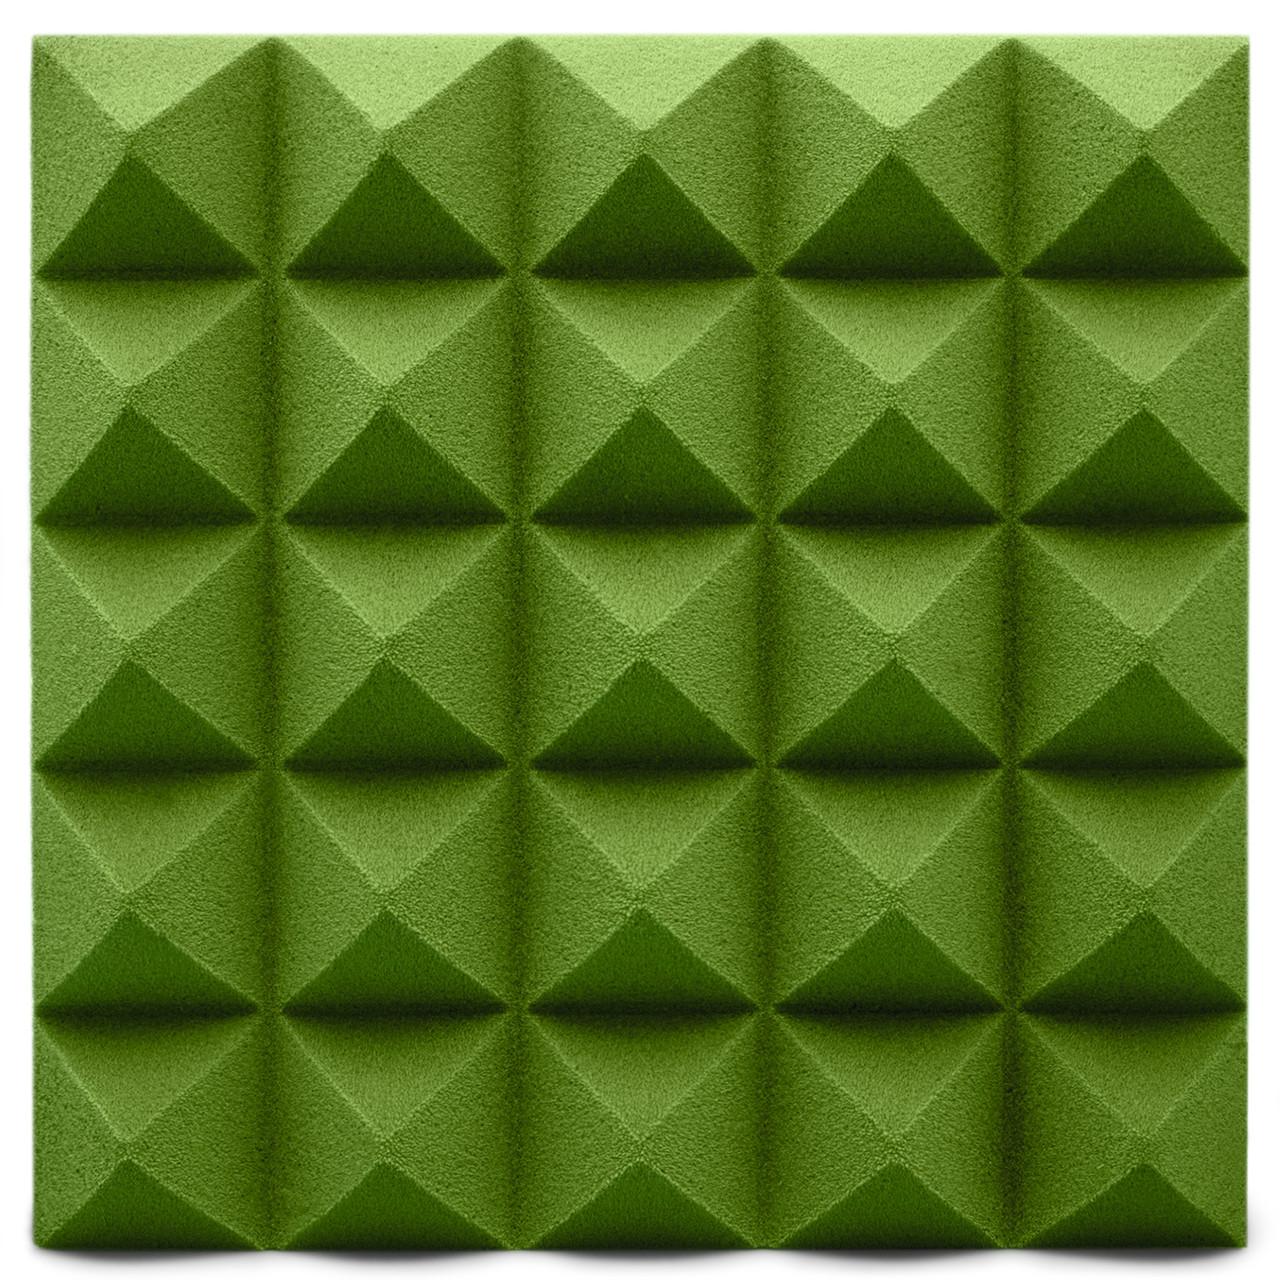 Панель з акустичного поролону Ecosound піраміда Pyramid Green Velvet 250х250х25мм колір зелений